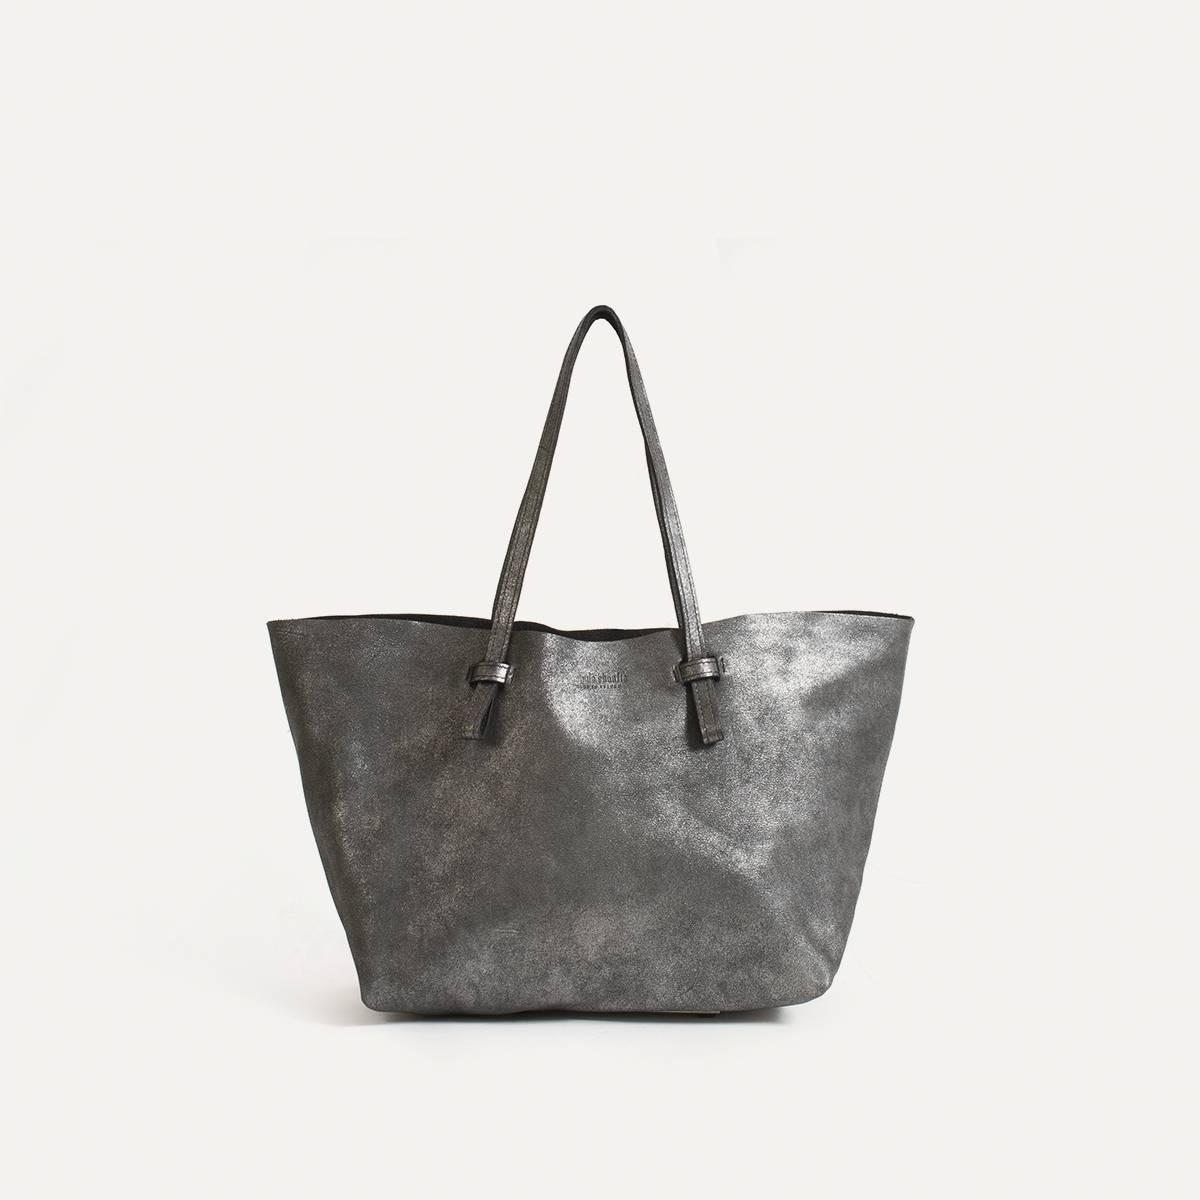 Joy Tote bag S - Fiera Black (image n°1)